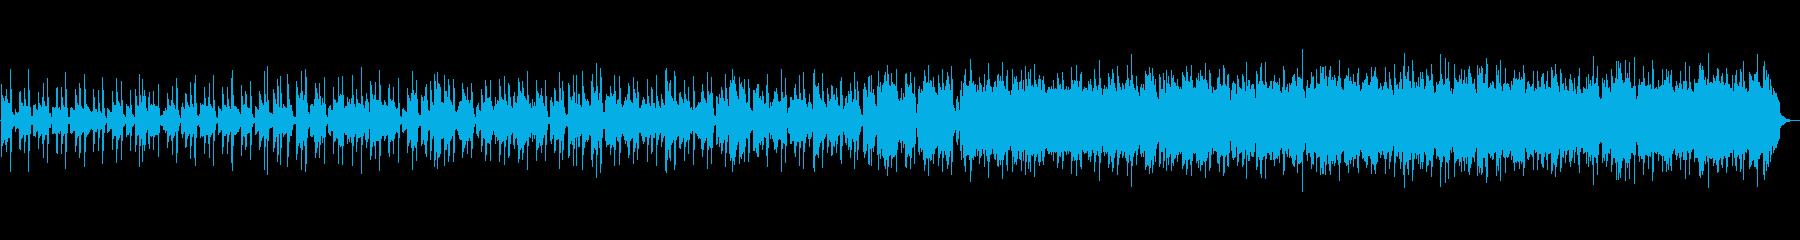 渋い雰囲気のファンク_No523の再生済みの波形